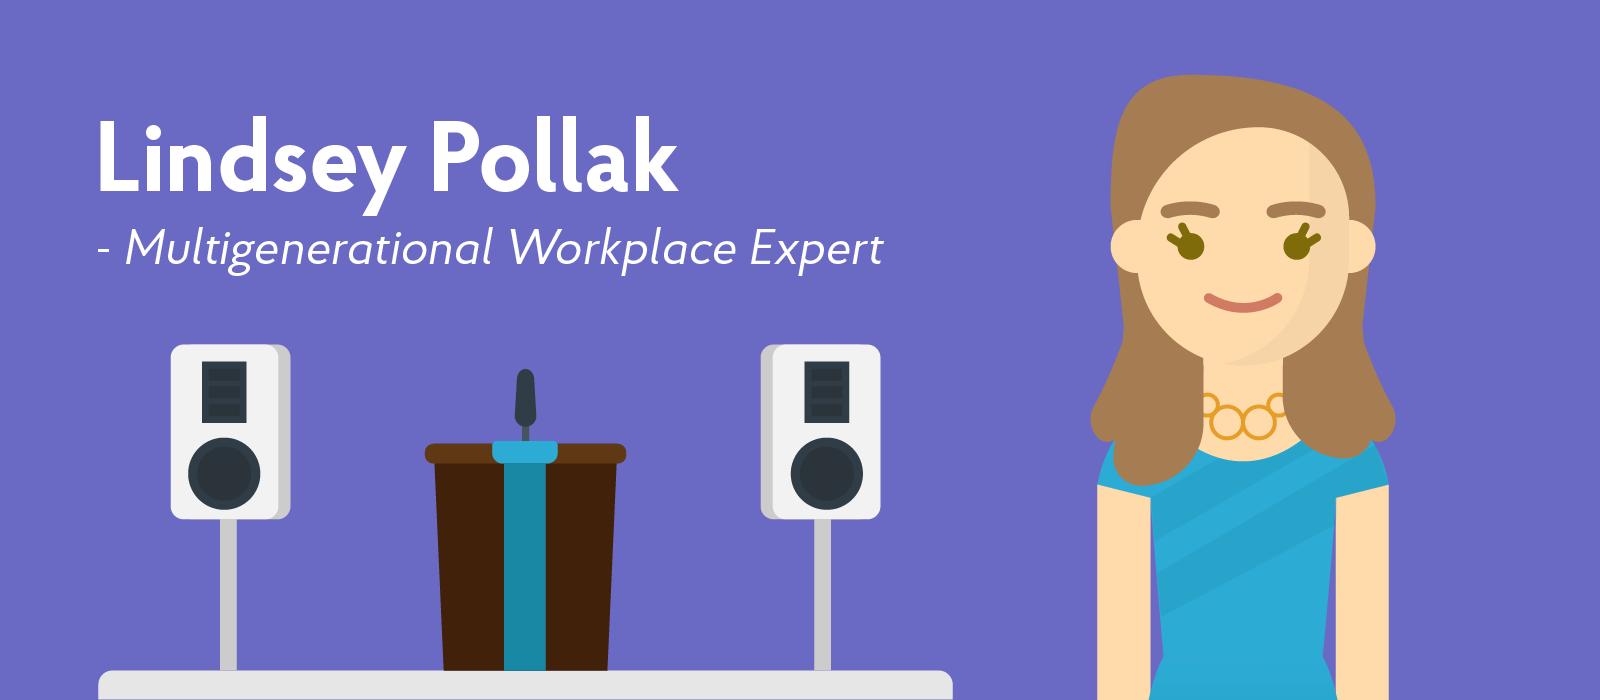 Lindsey Pollak career influencer